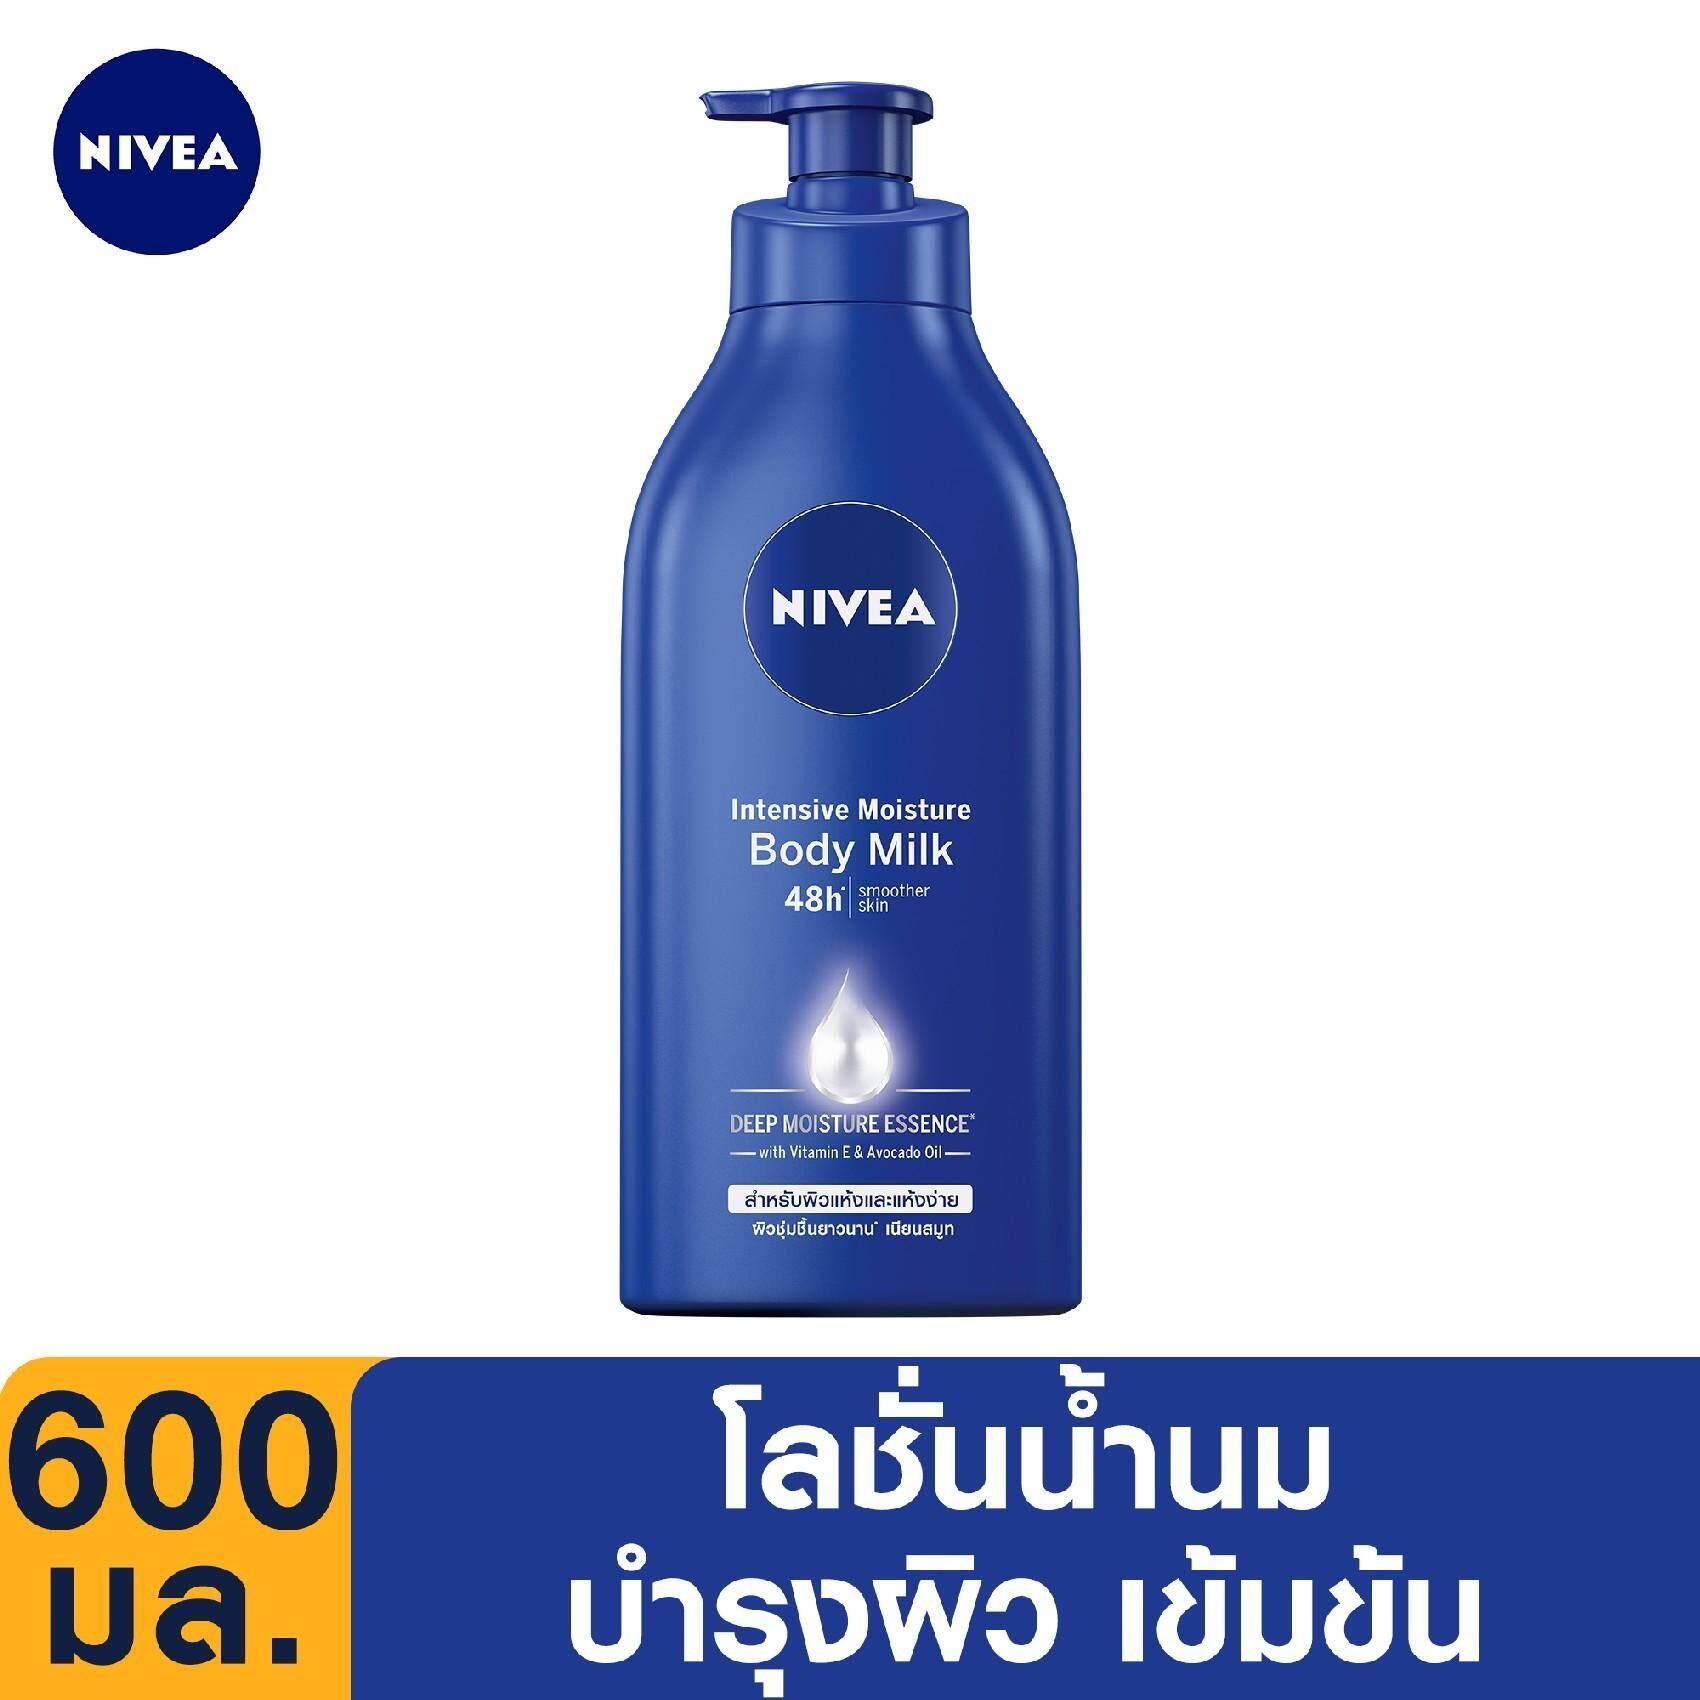 นีเวีย อินเทนซีฟ มอยส์เจอร์ บอดี้ มิลค์ 600 มล. NIVEA Intensive Moisture Body Milk 600 ml. (Lotion, Body Lotion, Whitening Lotion, Body Moisturizer, ครีมทาผิว,ครีมบำรุง,ครีมทาผิวกาย) ของแท้